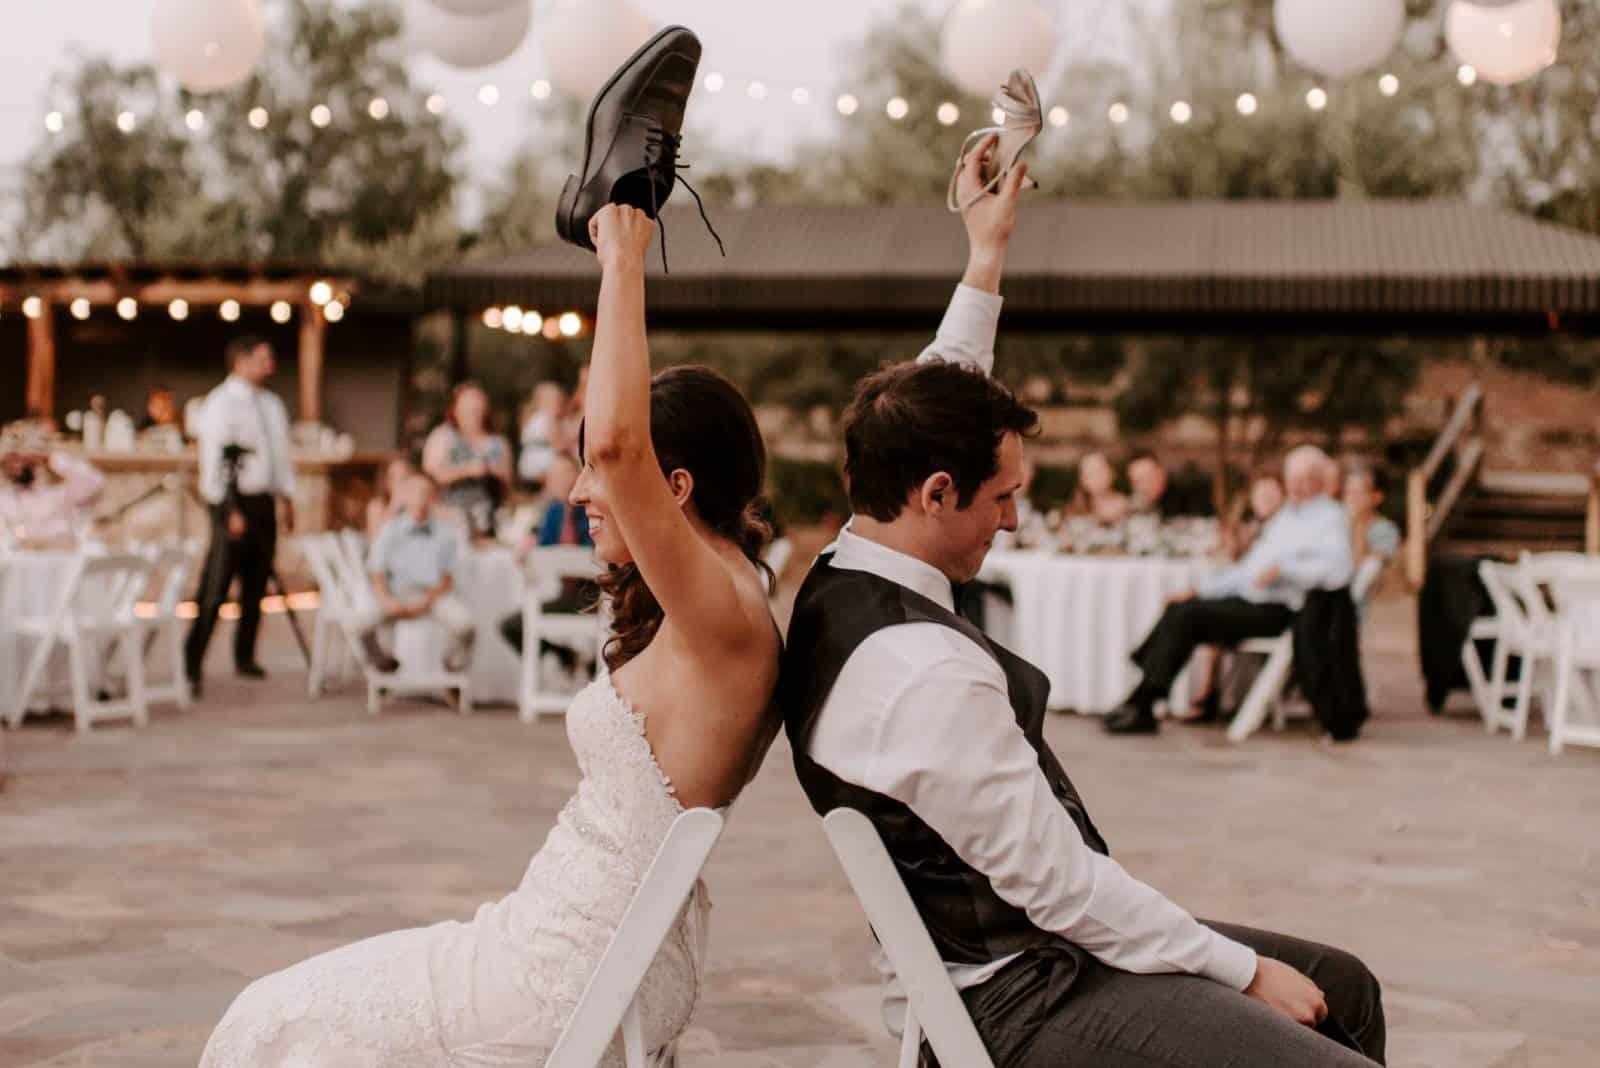 Schuhspiel für Bräutigam und Braut